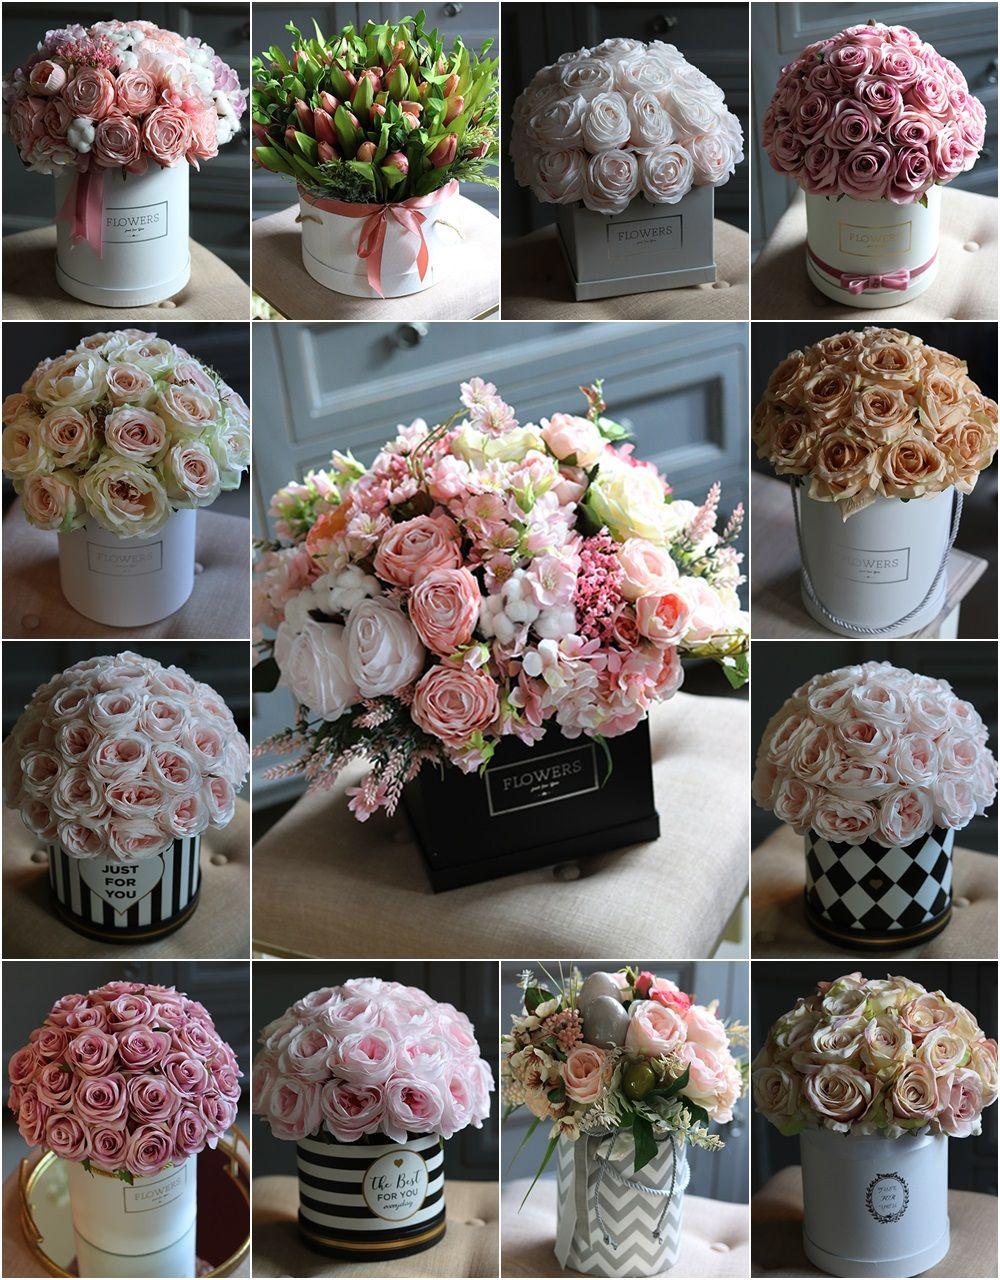 Pin By Katarzyna Sobczyk On Silk Flowers Flower Boxes Fabric Flowers Silk Flowers